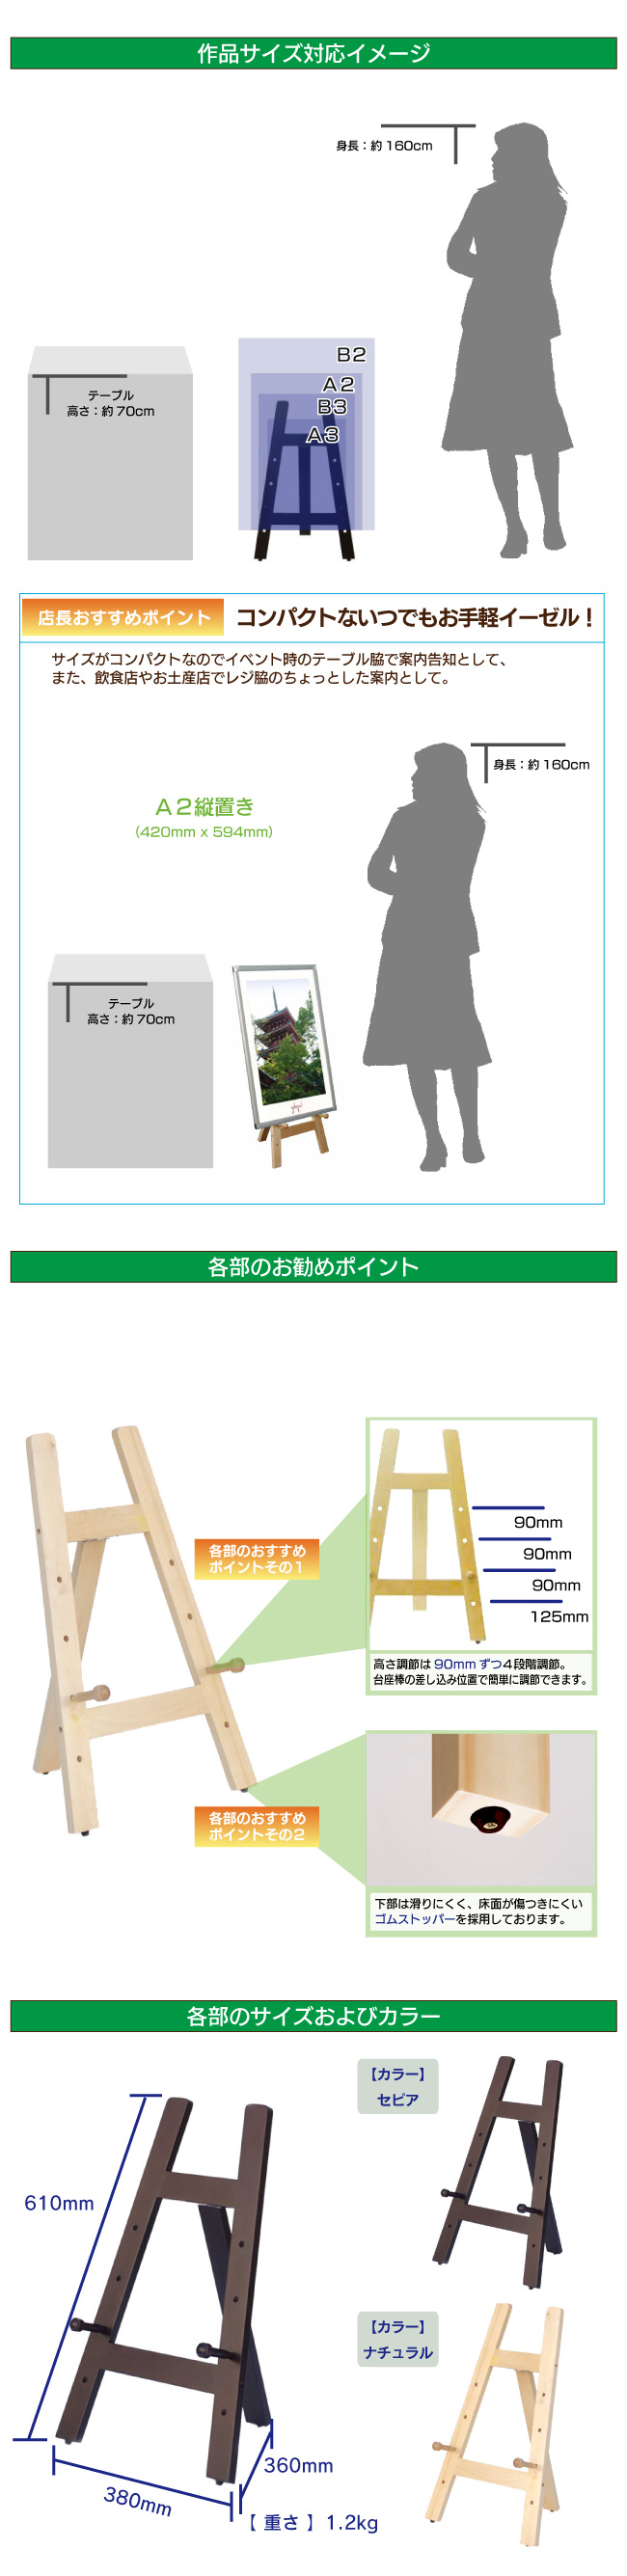 ポスターフレーム用イーゼル60商品説明